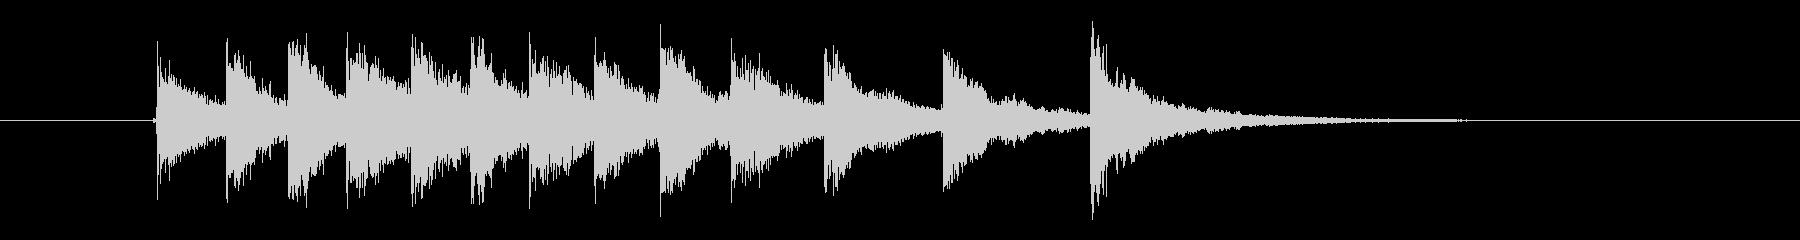 和楽器サンプリングのジングルの未再生の波形